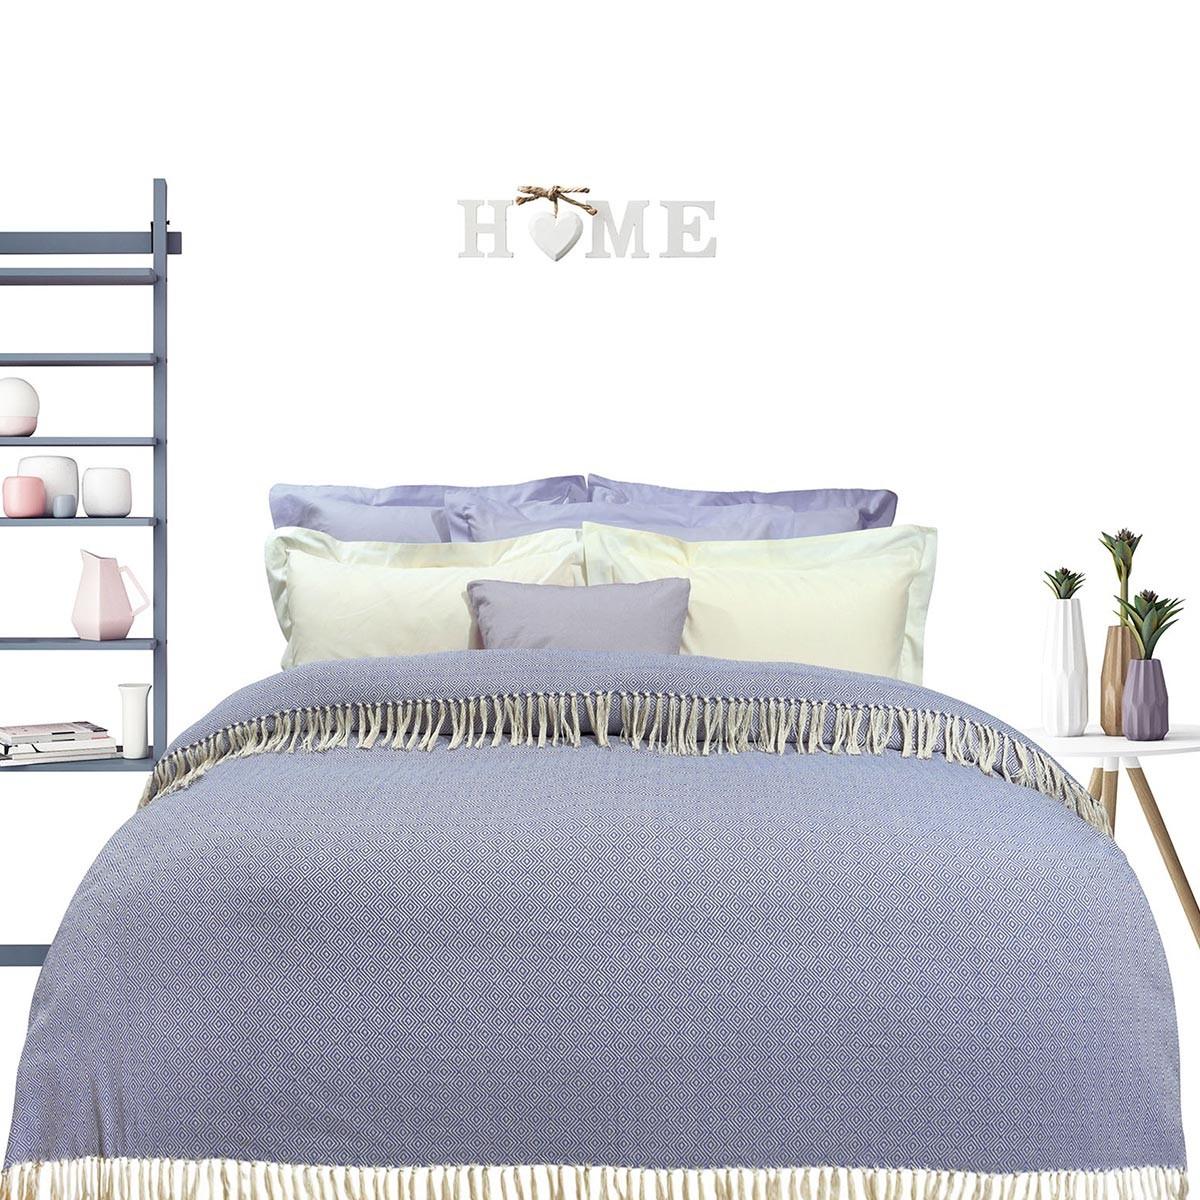 Κουβερτόριο Μονό Das Home Blanket Line Jacquard 382 66683